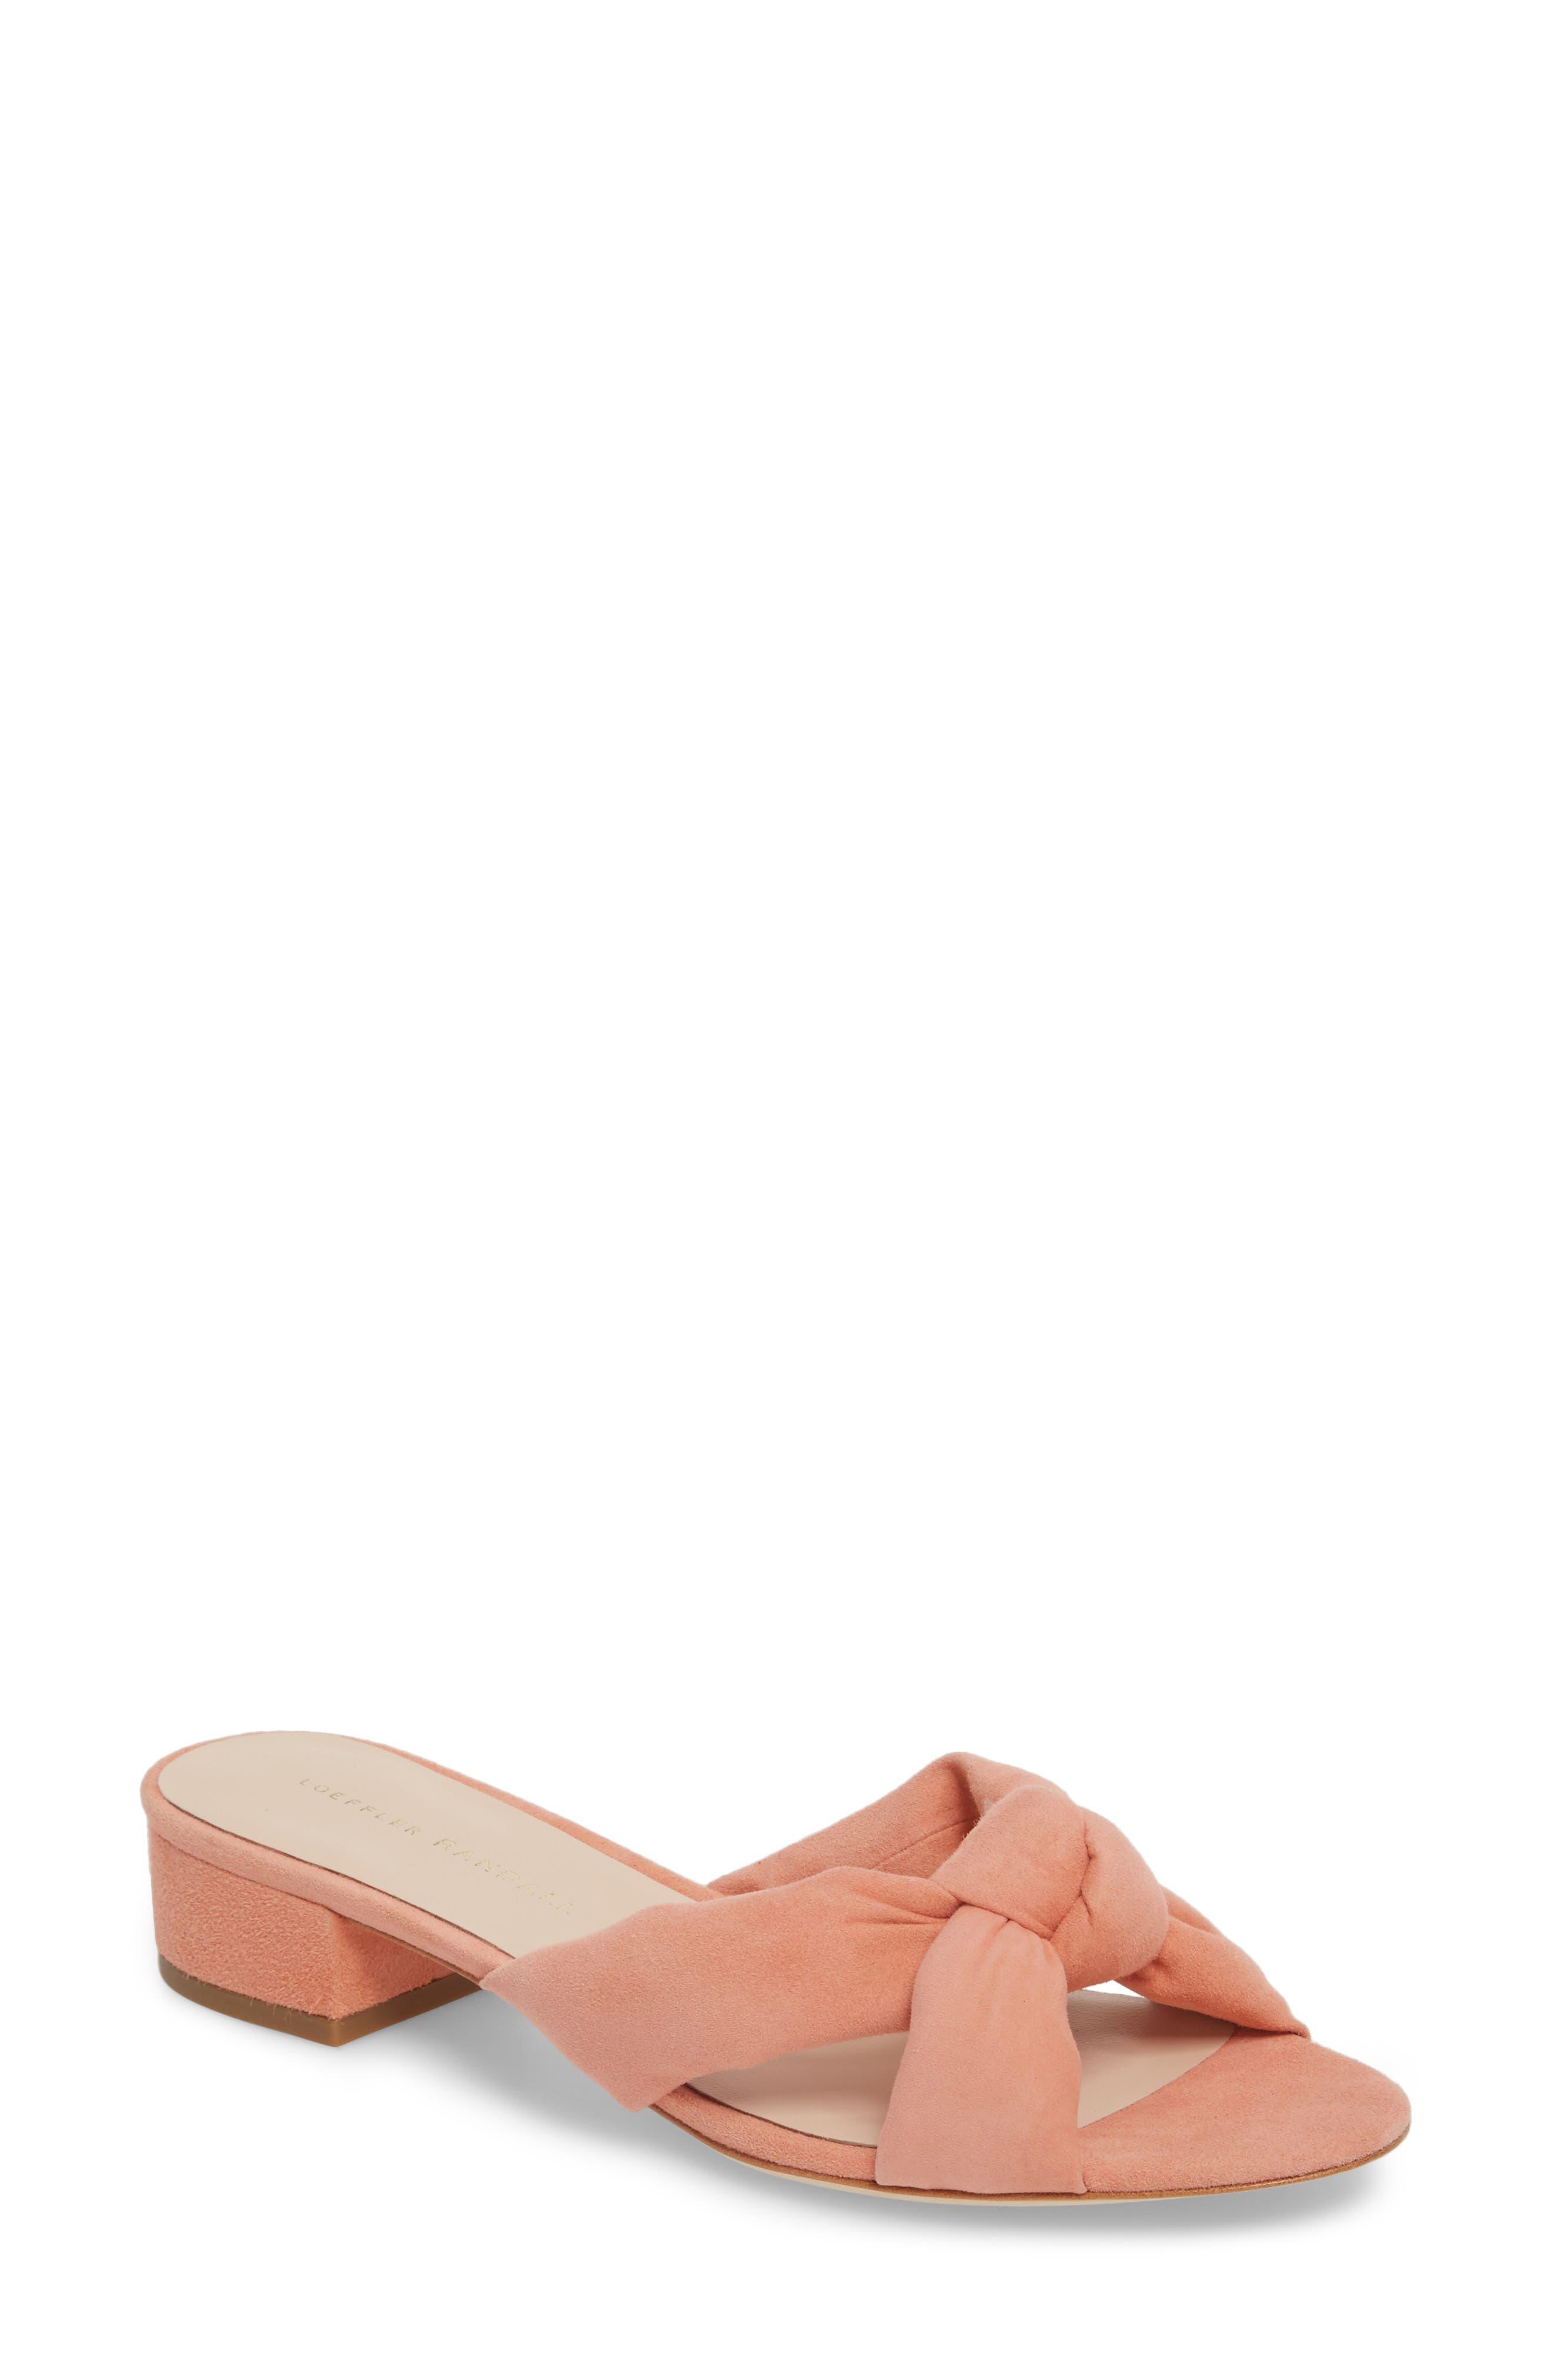 Loeffler Randall Women's Elsie Knotted Slide Sandal Xbci41VWt